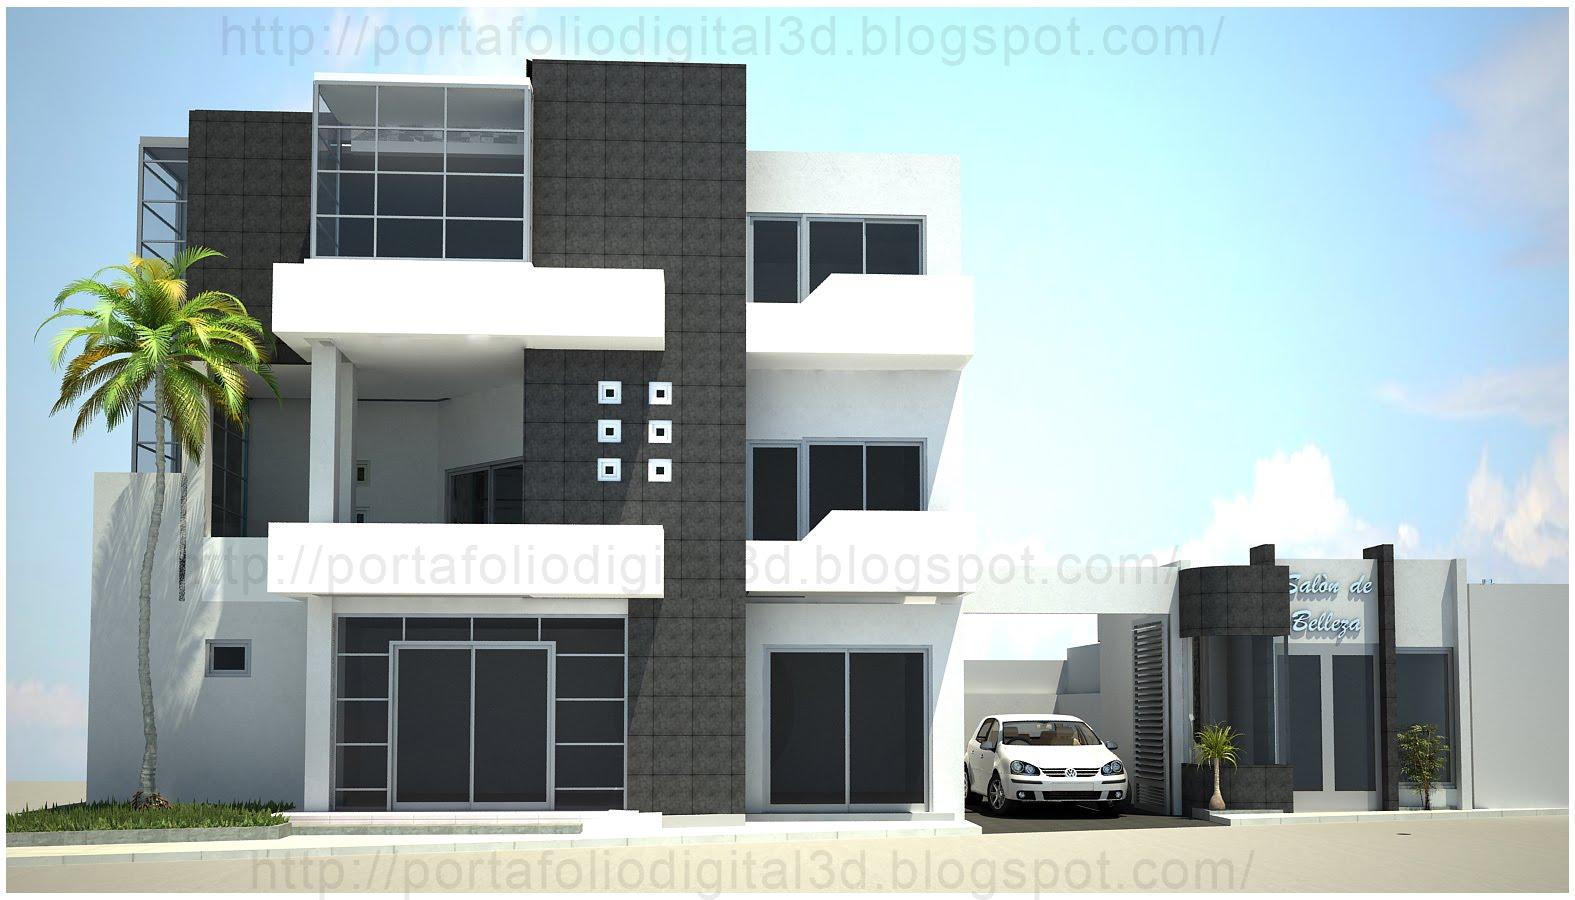 Proyectos arquitectonicos y dise o 3 d 11 18 09 for Proyectos casas minimalistas